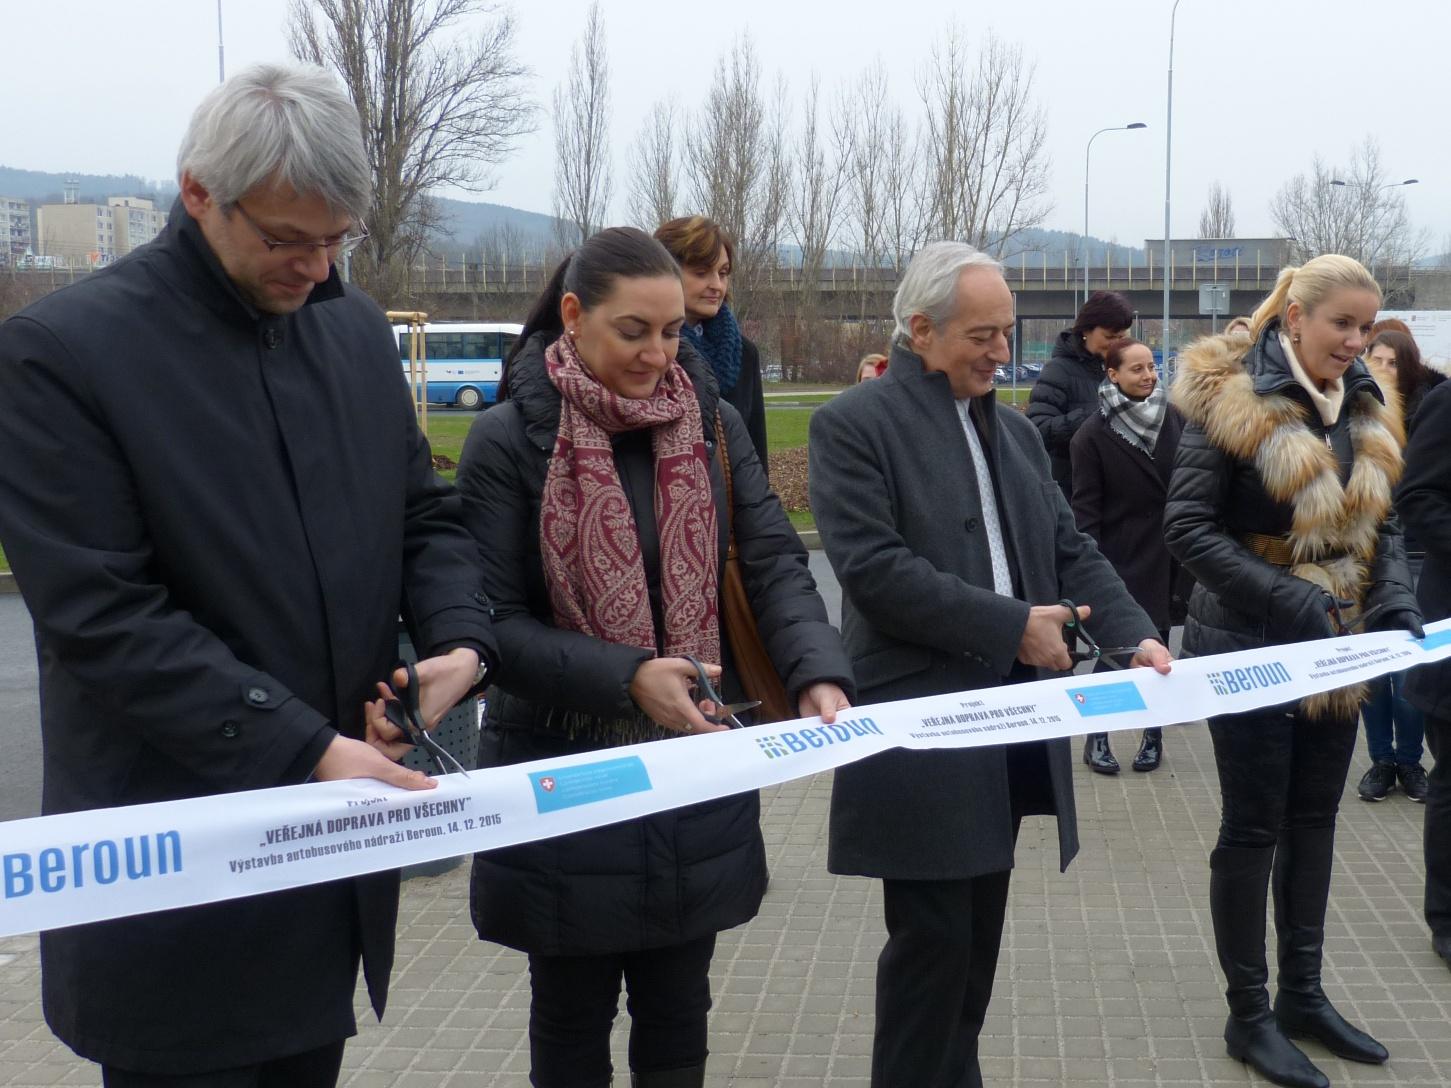 Švýcarské dotace přináší Berounu snížení ekozátěže z dopravy